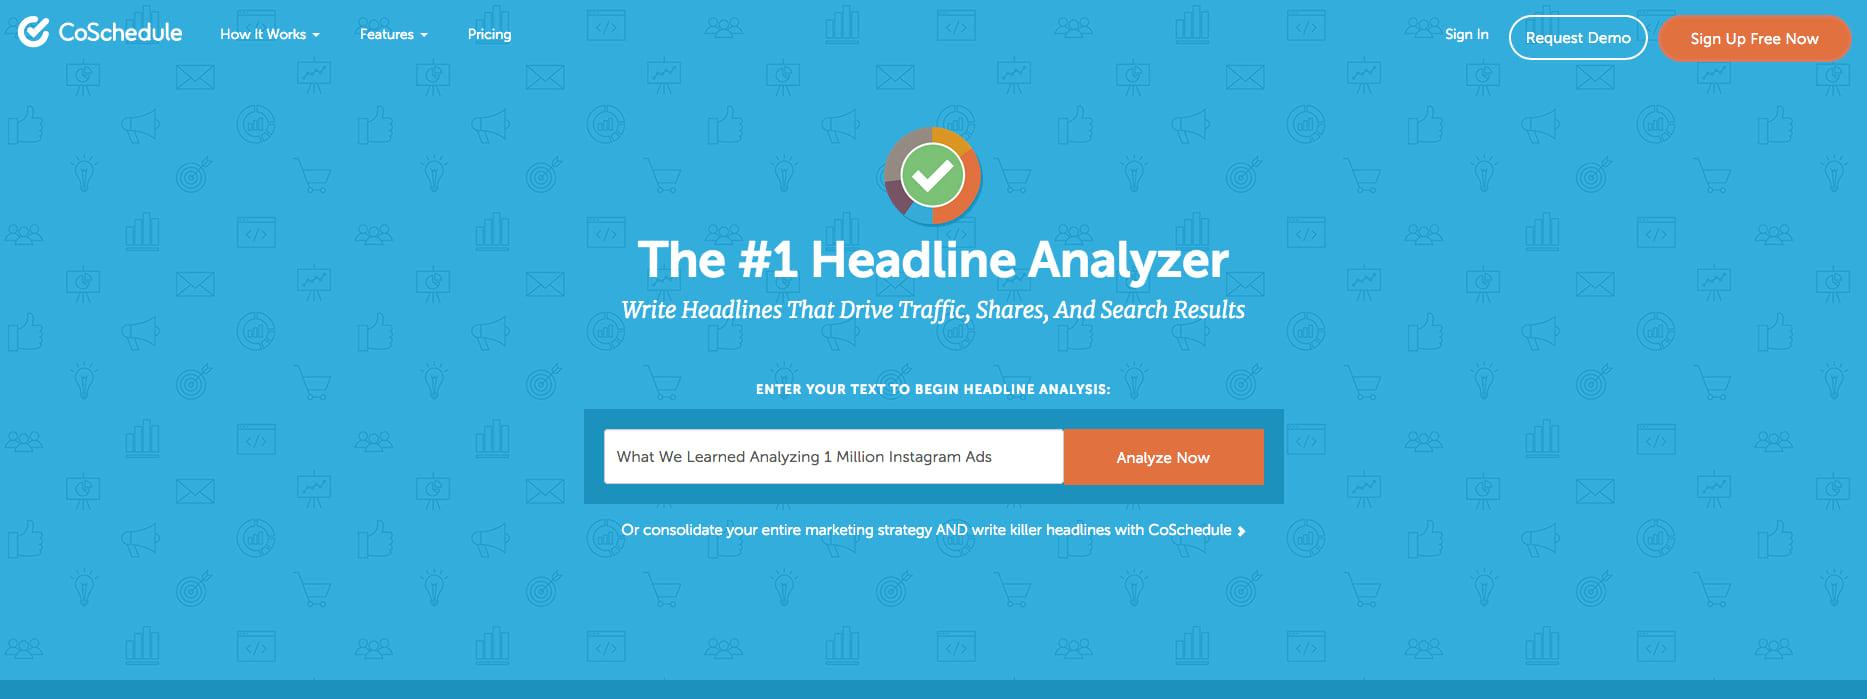 coschedule headline analyzer landing page